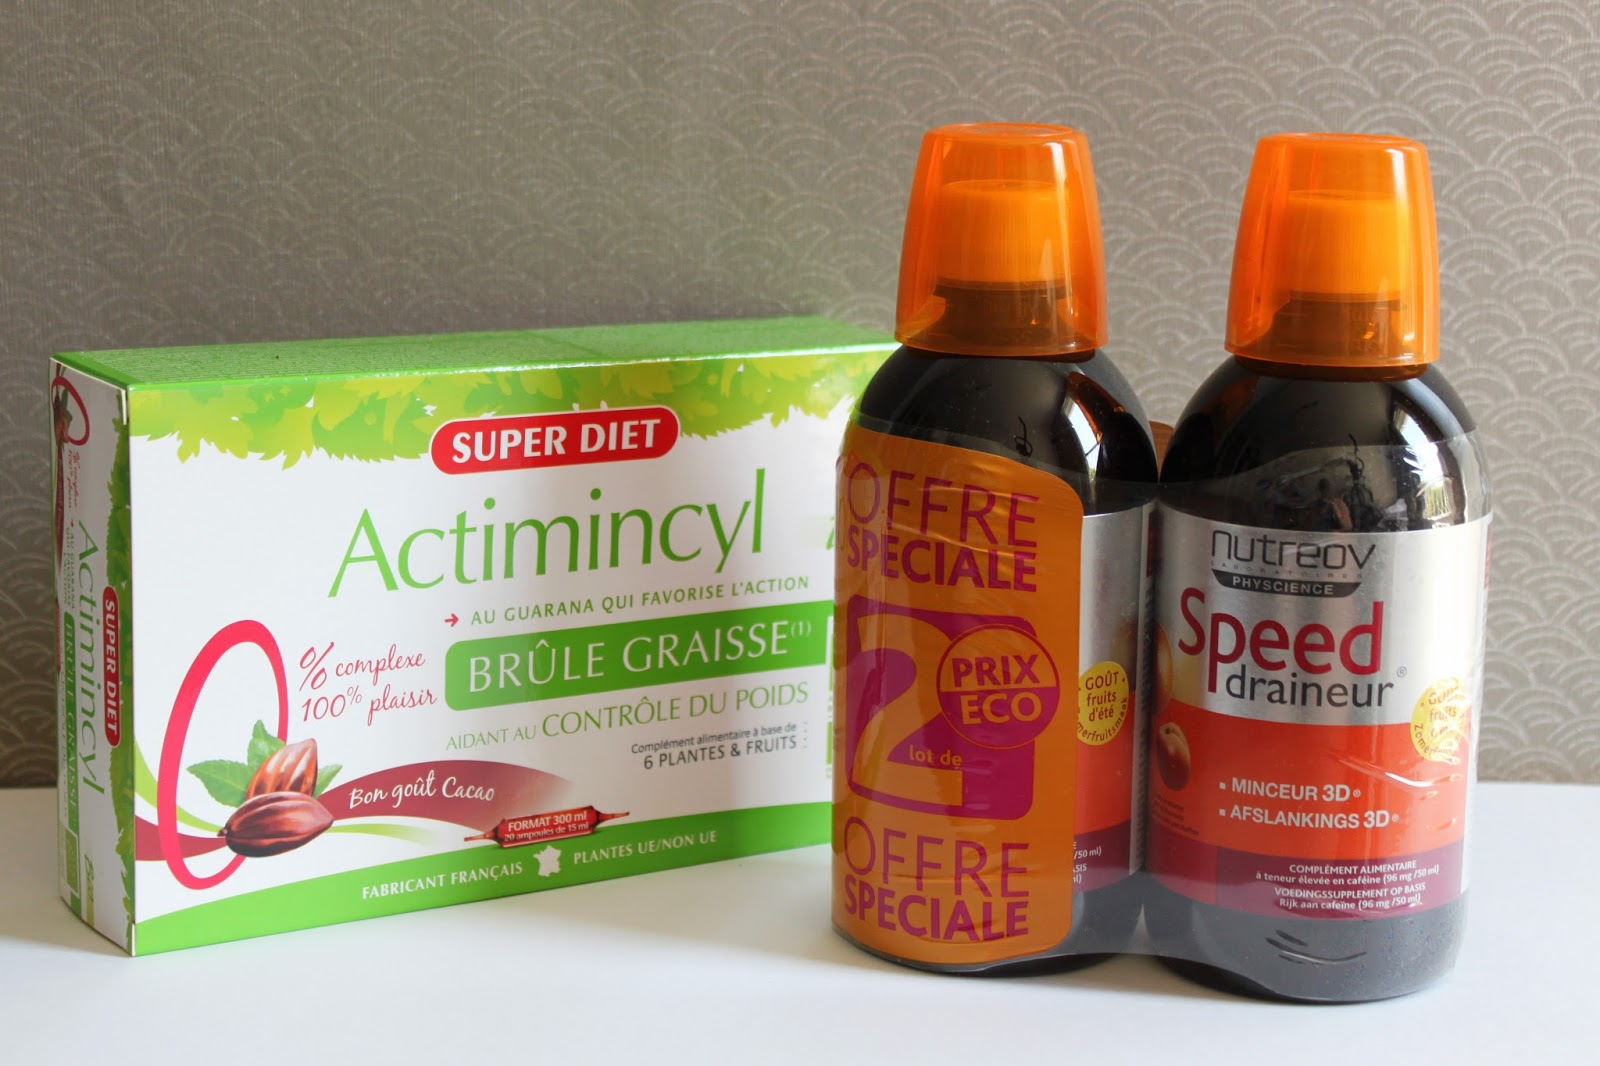 J'ai testé le Coffret printemps - Mon avis sur la box beauté, soin, minceur, green Top Santé - préparer l'été - @DEUXAIMES